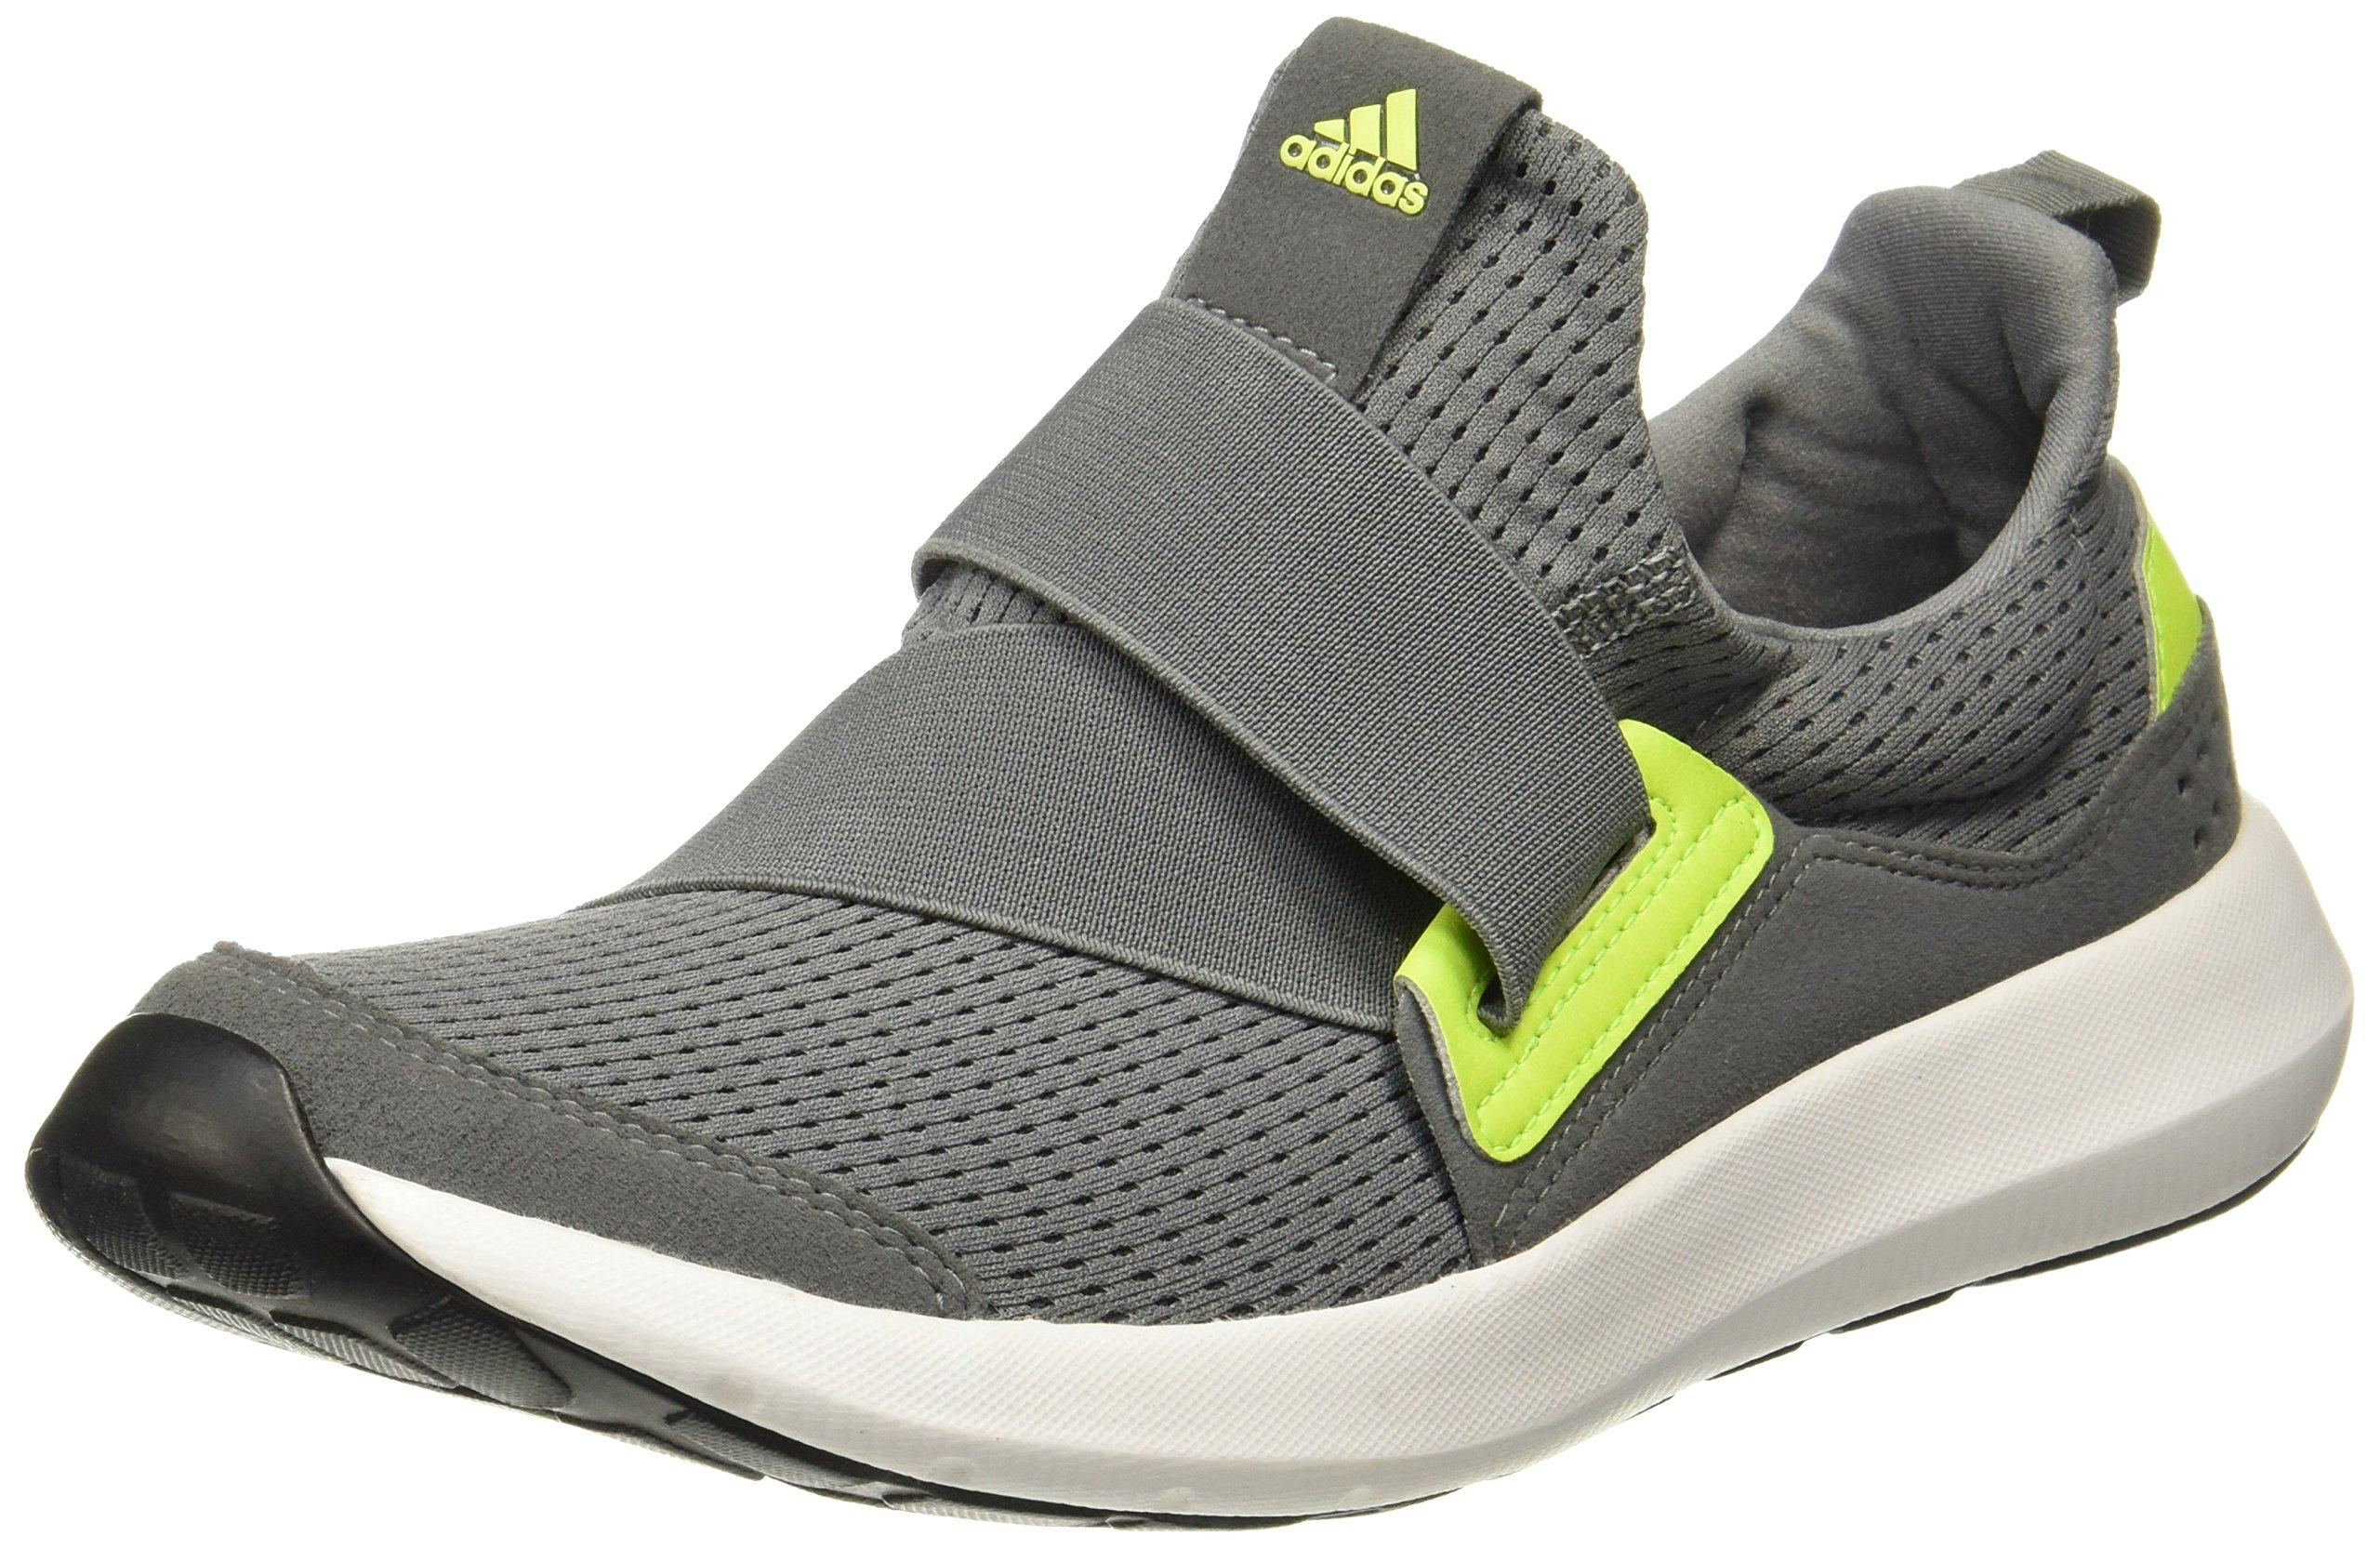 Adidas Men's Kivaro Sl M Running Shoes (Up to 55% OFF)